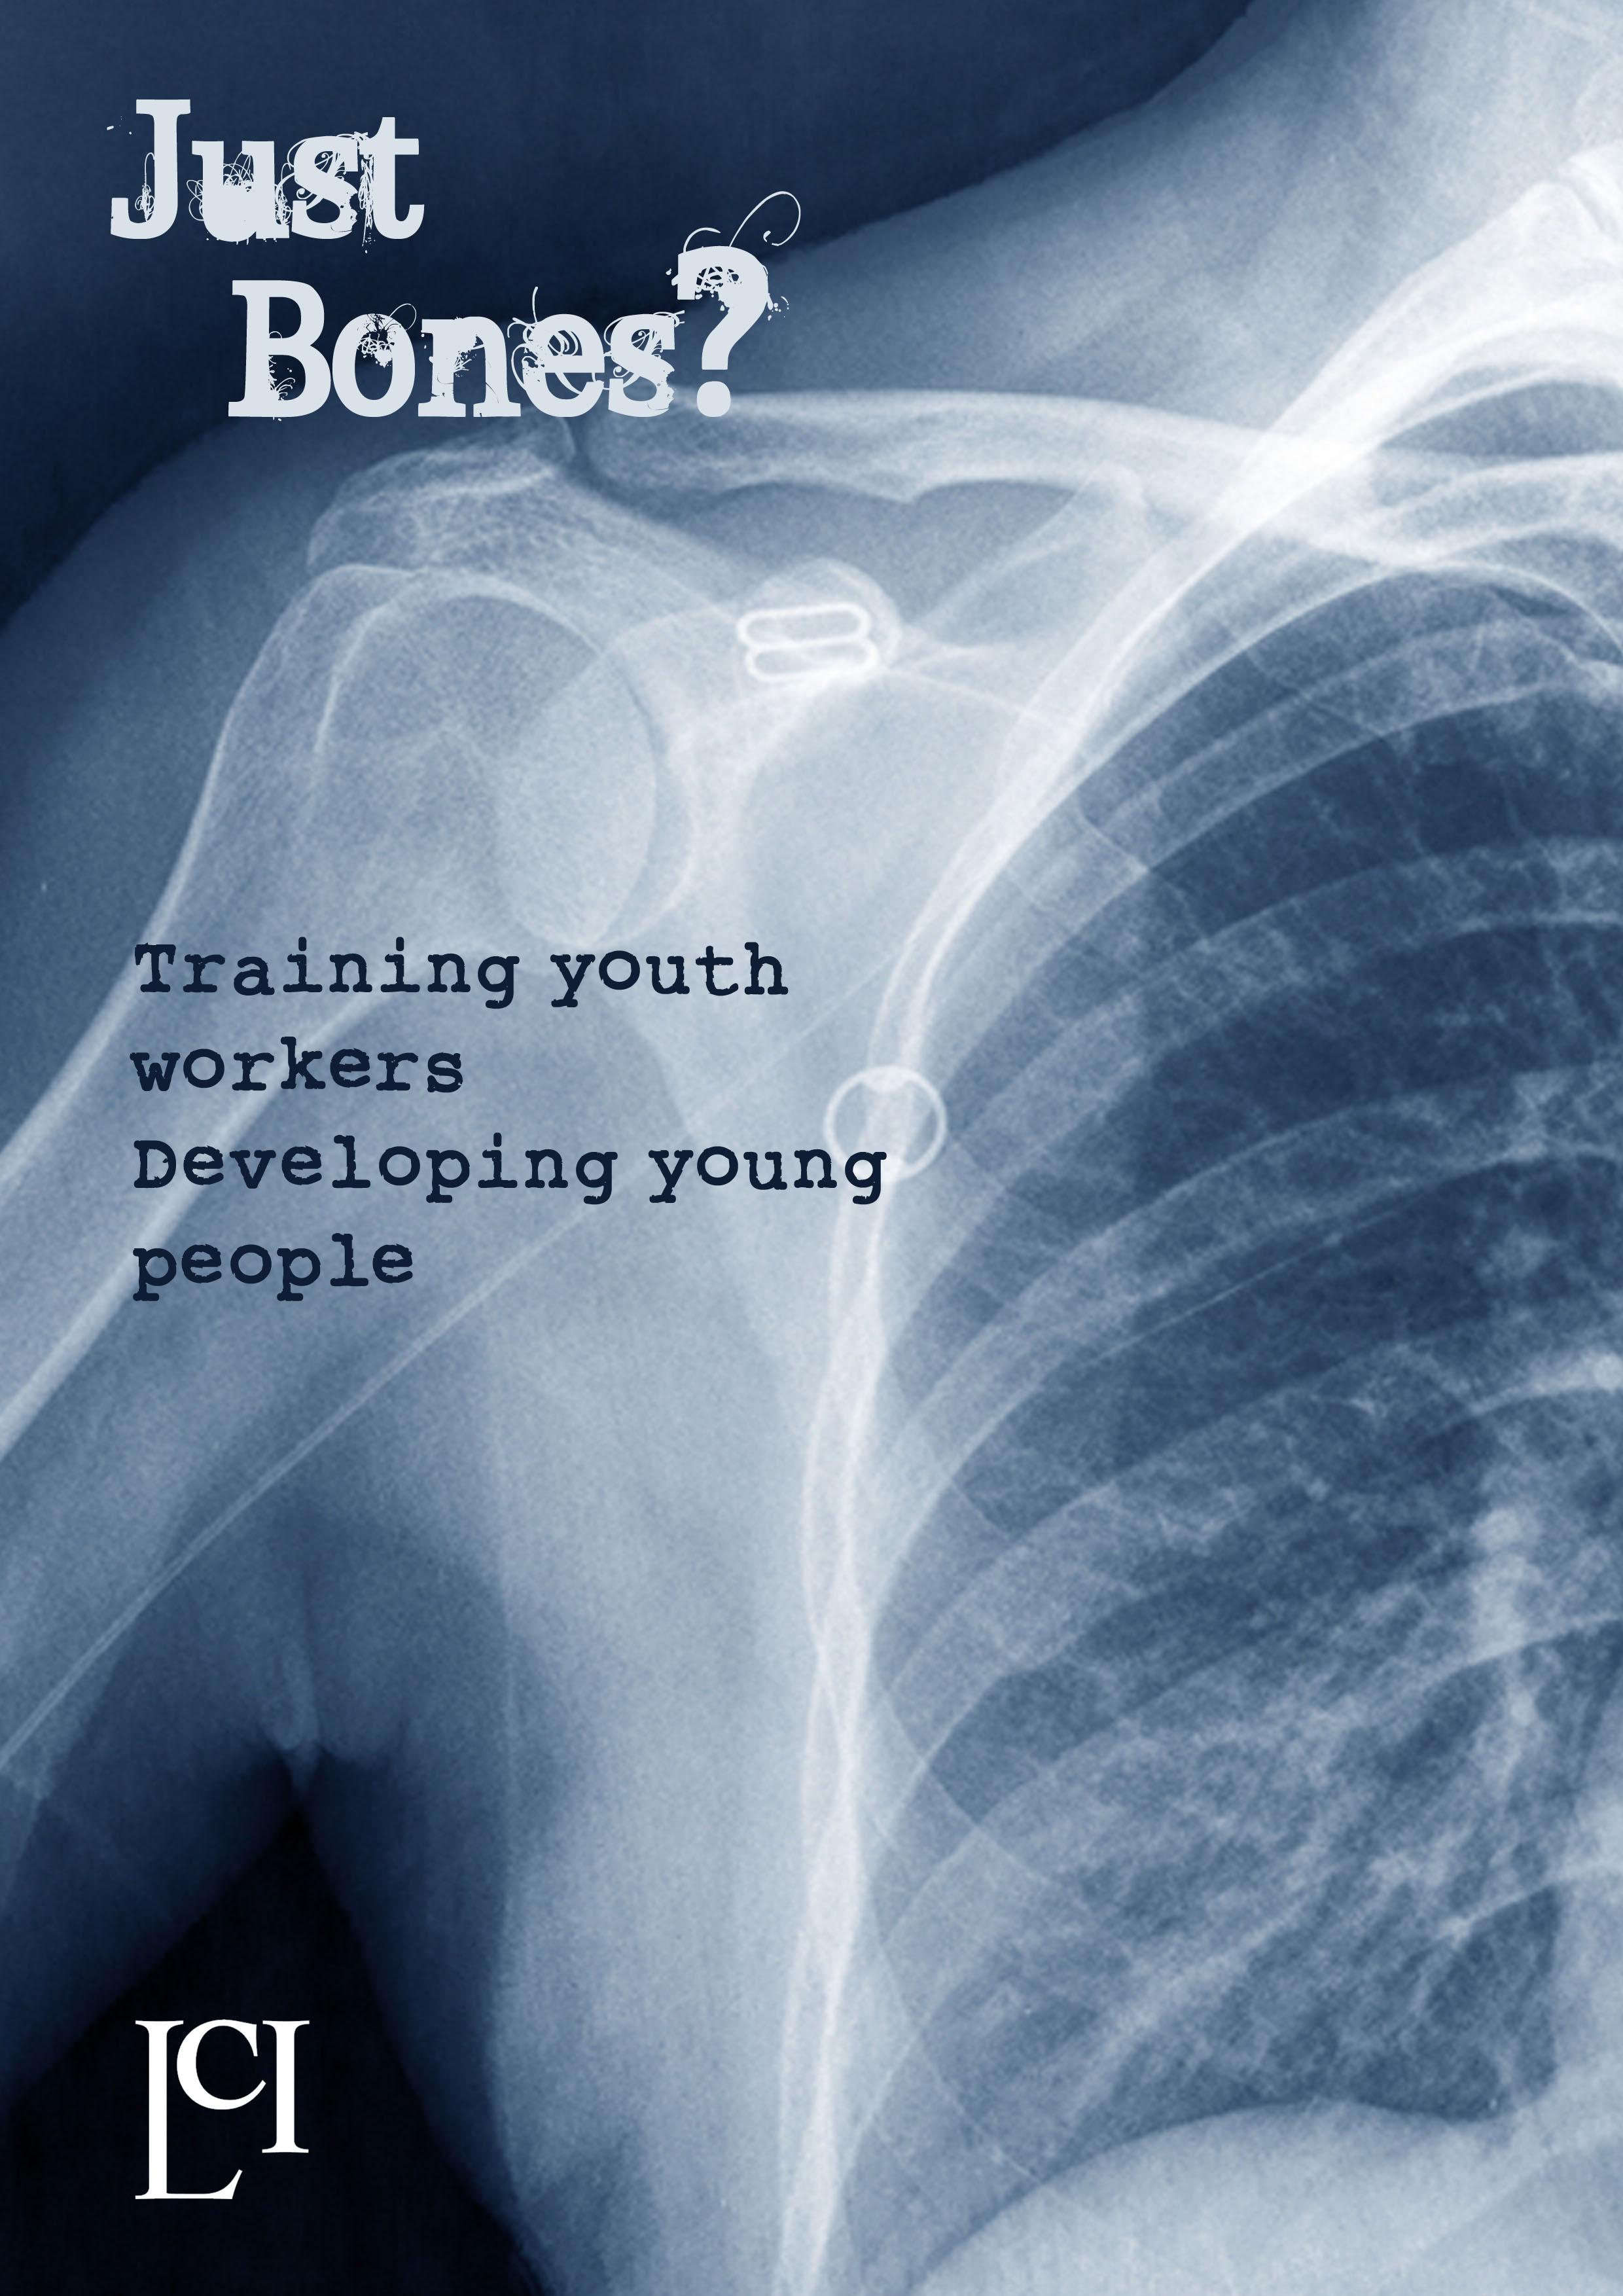 Just Bones Info 1 copy